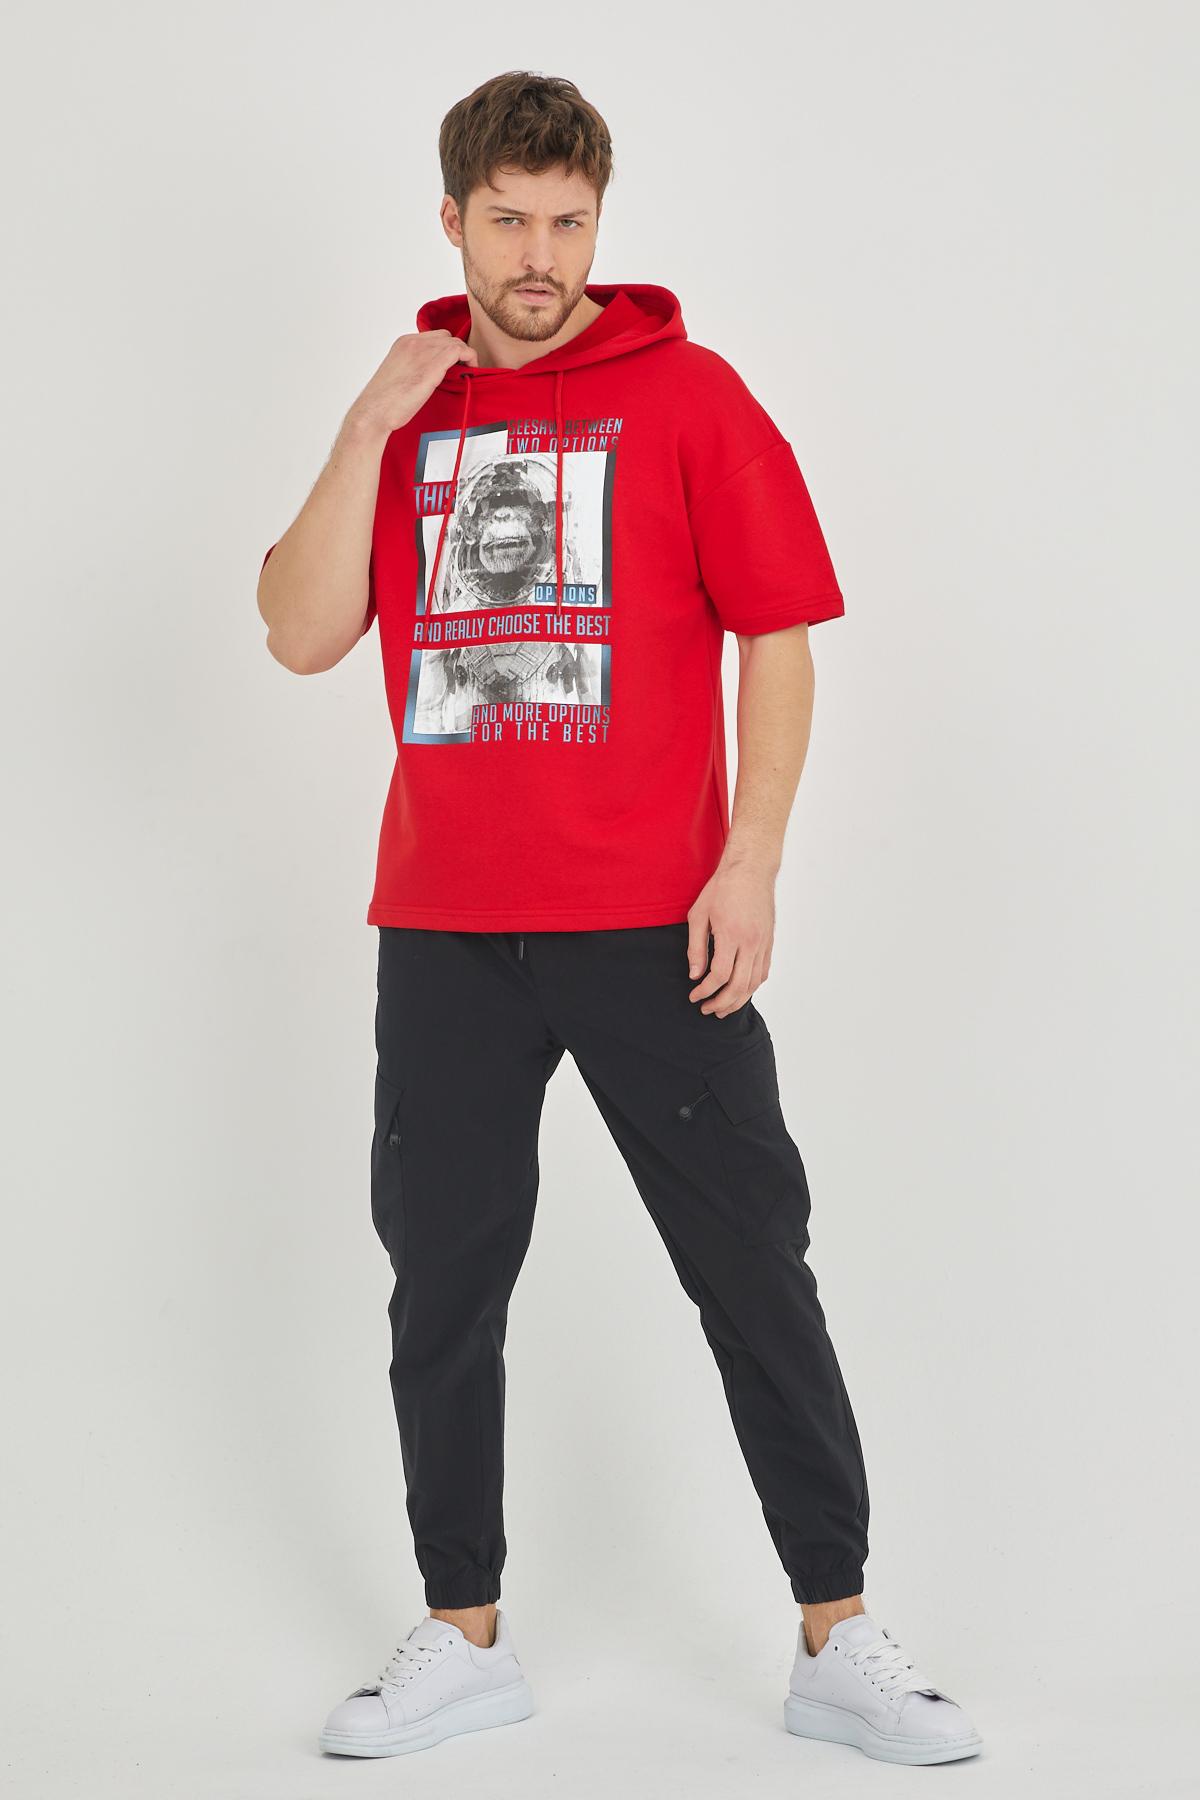 XHAN - Kırmızı Kısa Kol Baskılı Kapüşonlu Sweatshirt 1KXE8-44655-04